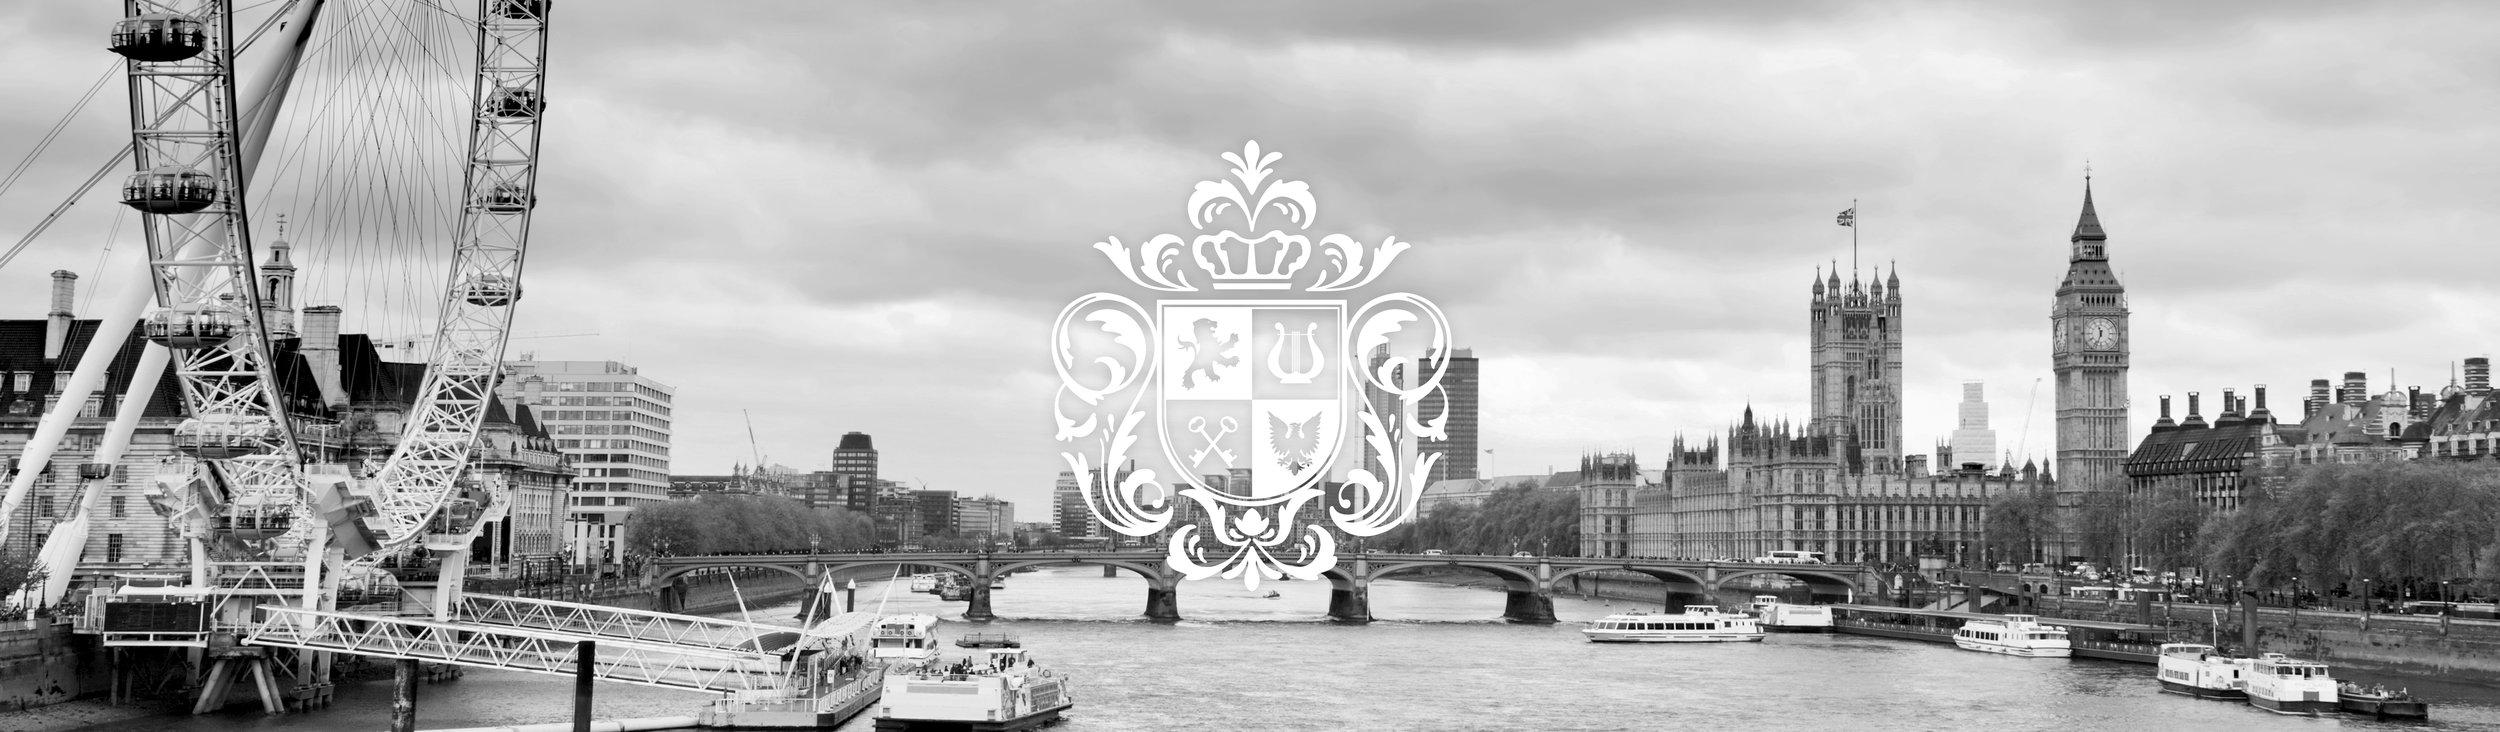 London Crest Banner 1.jpg